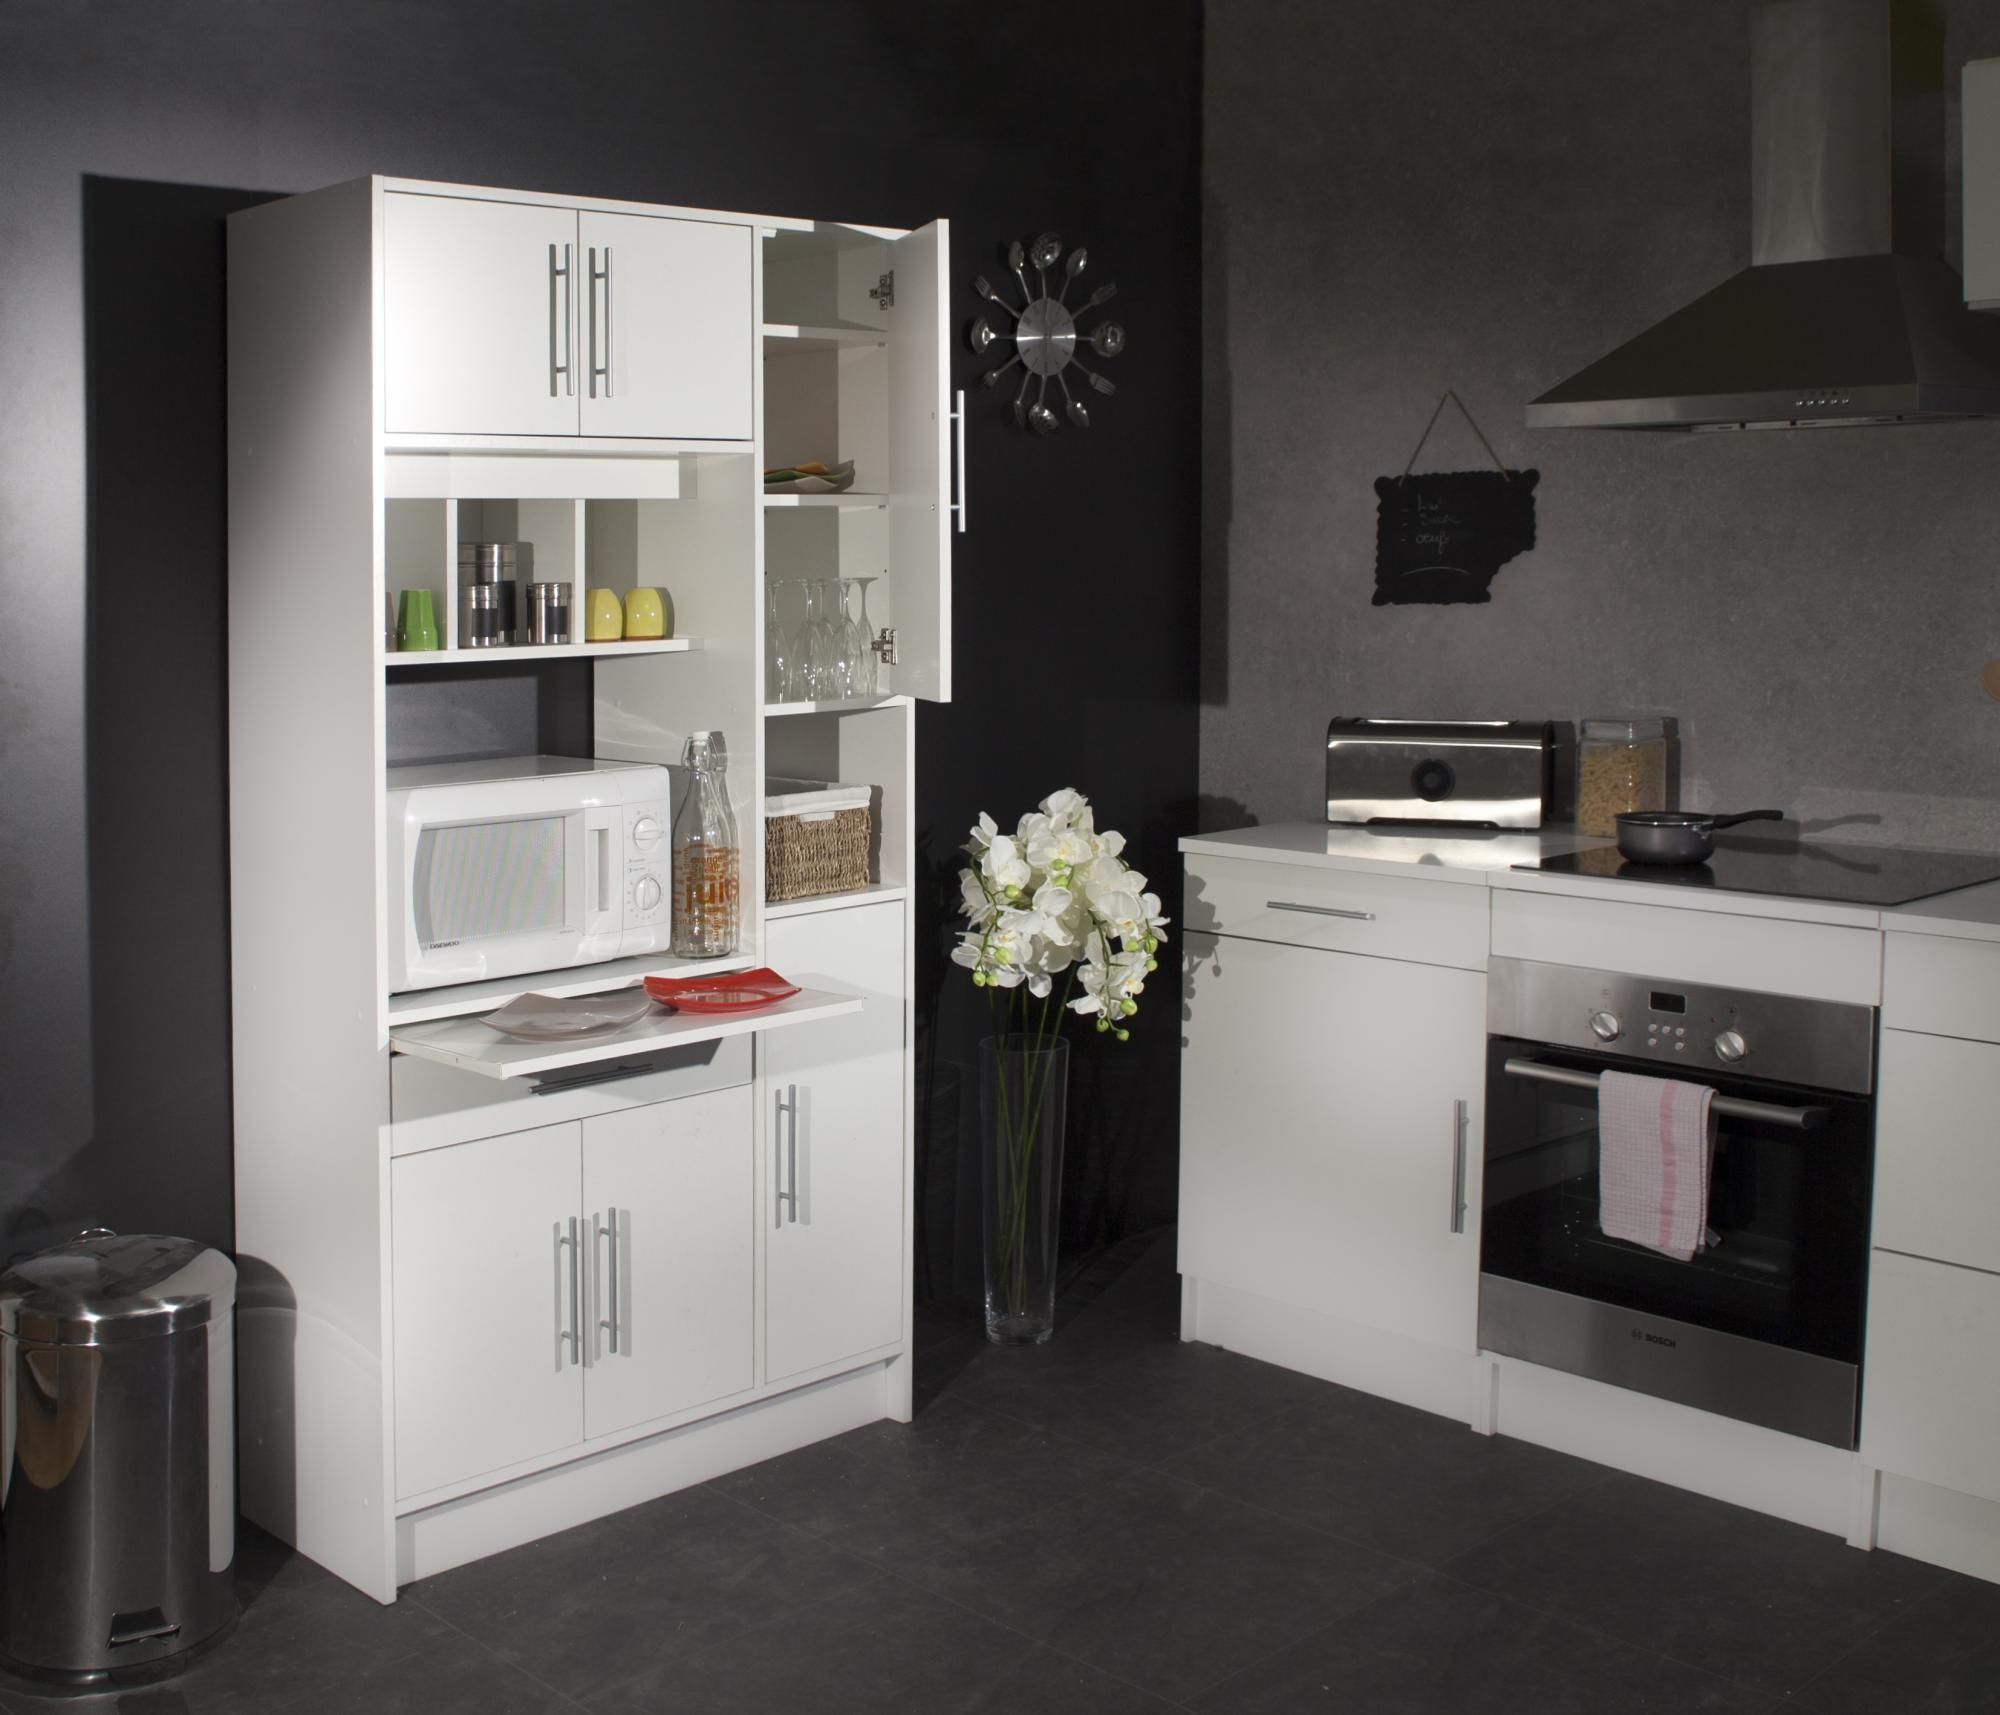 Armoire rangement cuisine pas cher maison et mobilier d 39 int rieur - Meuble gautier moins cher ...